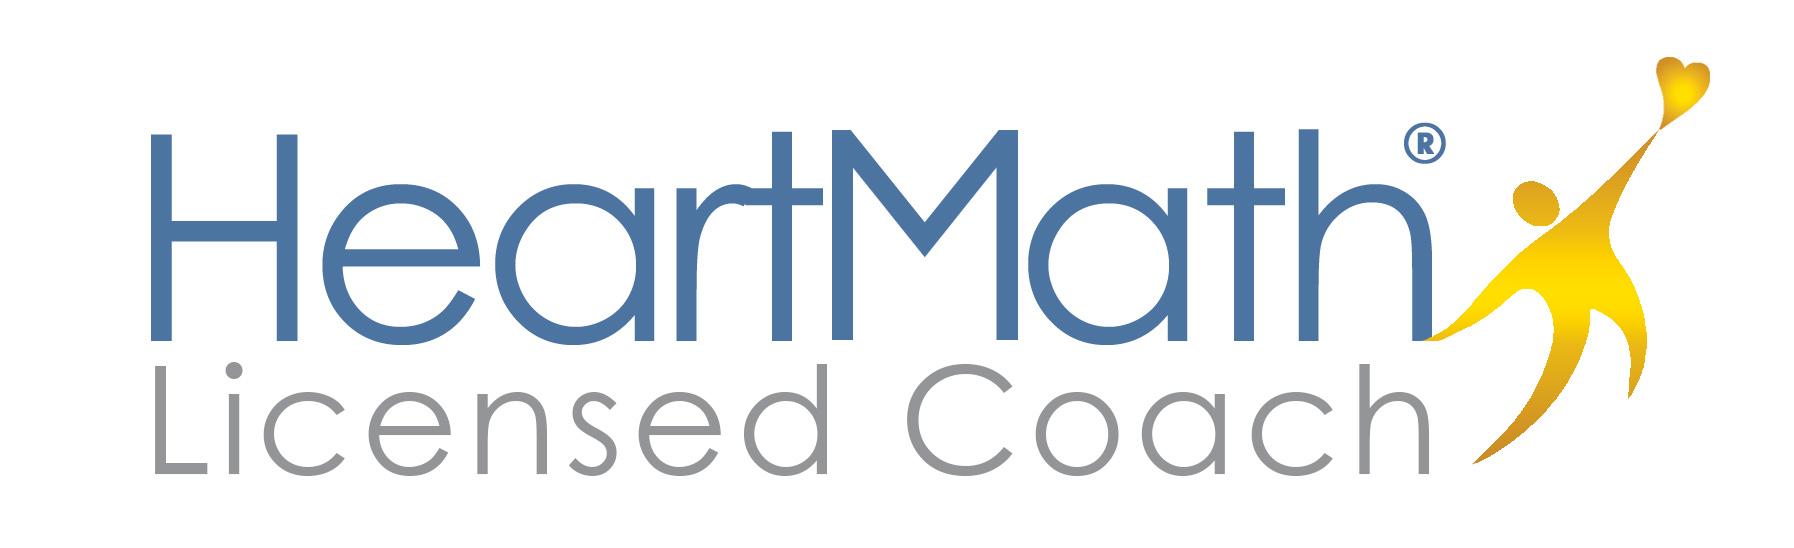 Logo-HM-LicensedCoach.jpg